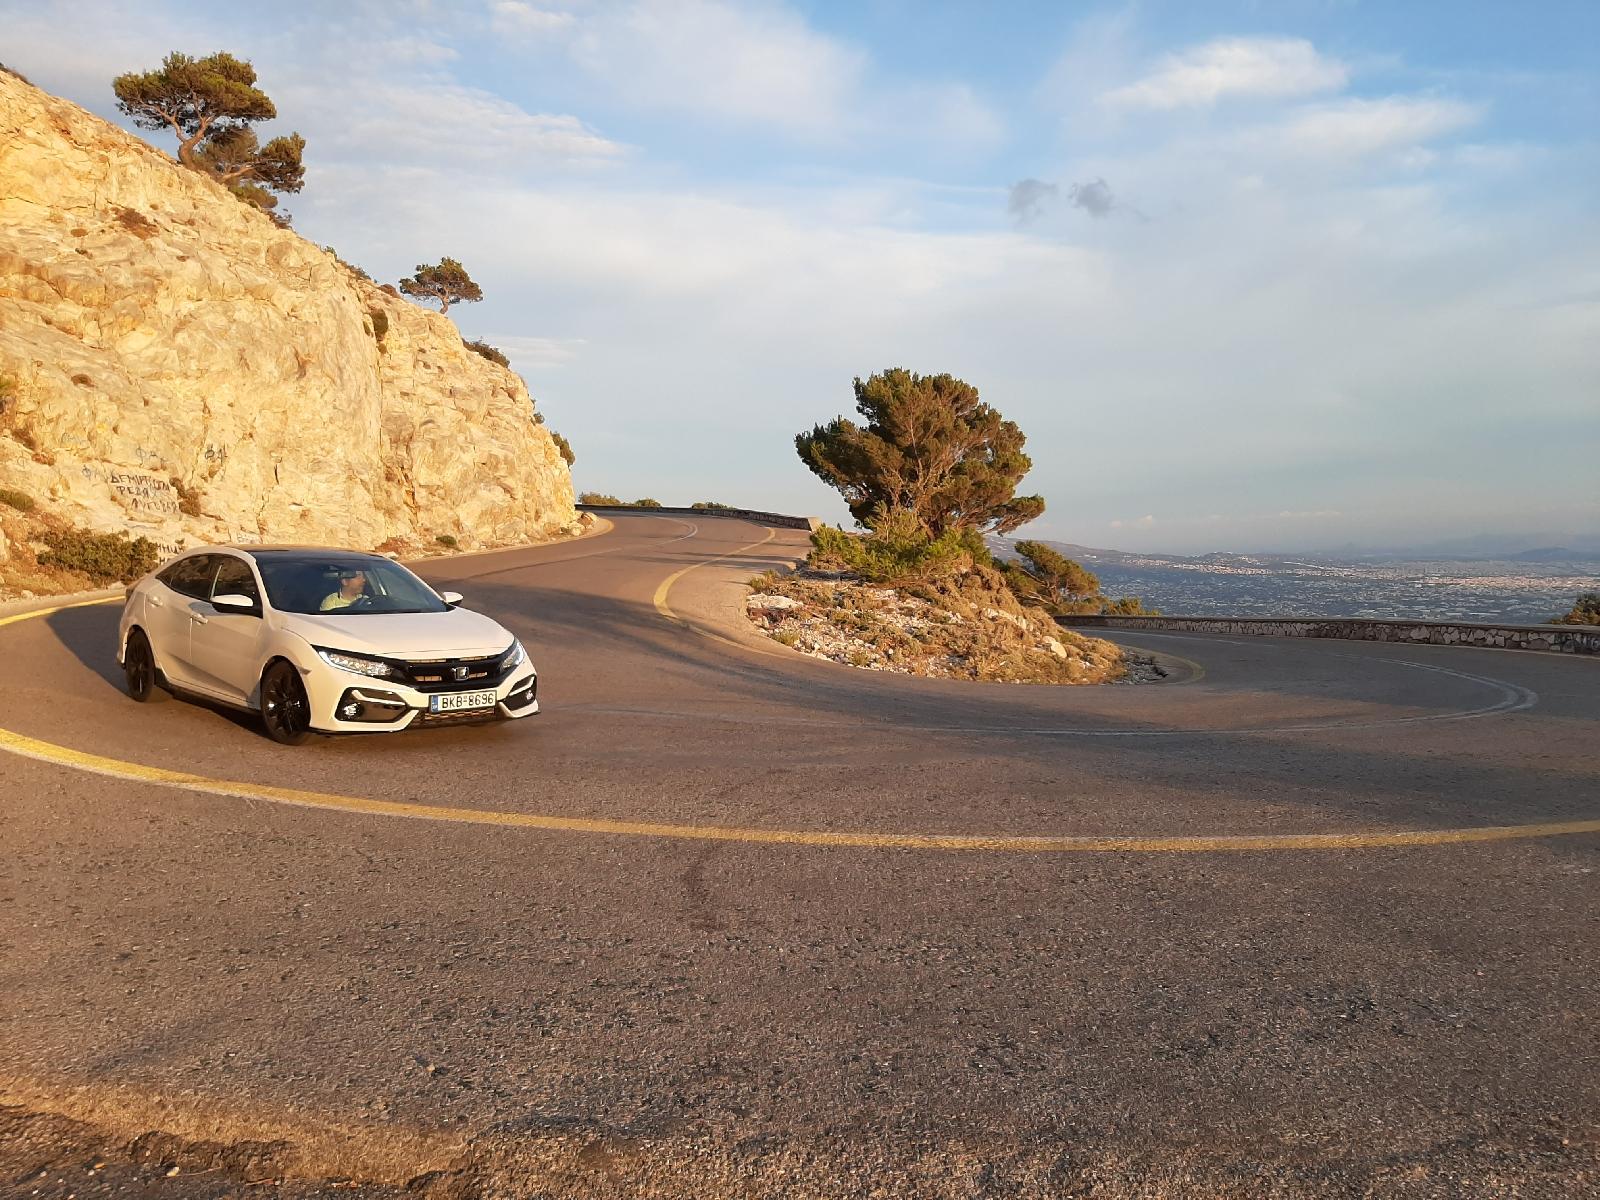 1604962796908073 10 Οδηγούμε το Honda Civic 1,5 Vtec turbo Honda, Honda Civic, TEST, ΔΟΚΙΜΕΣ, οδηγούμε